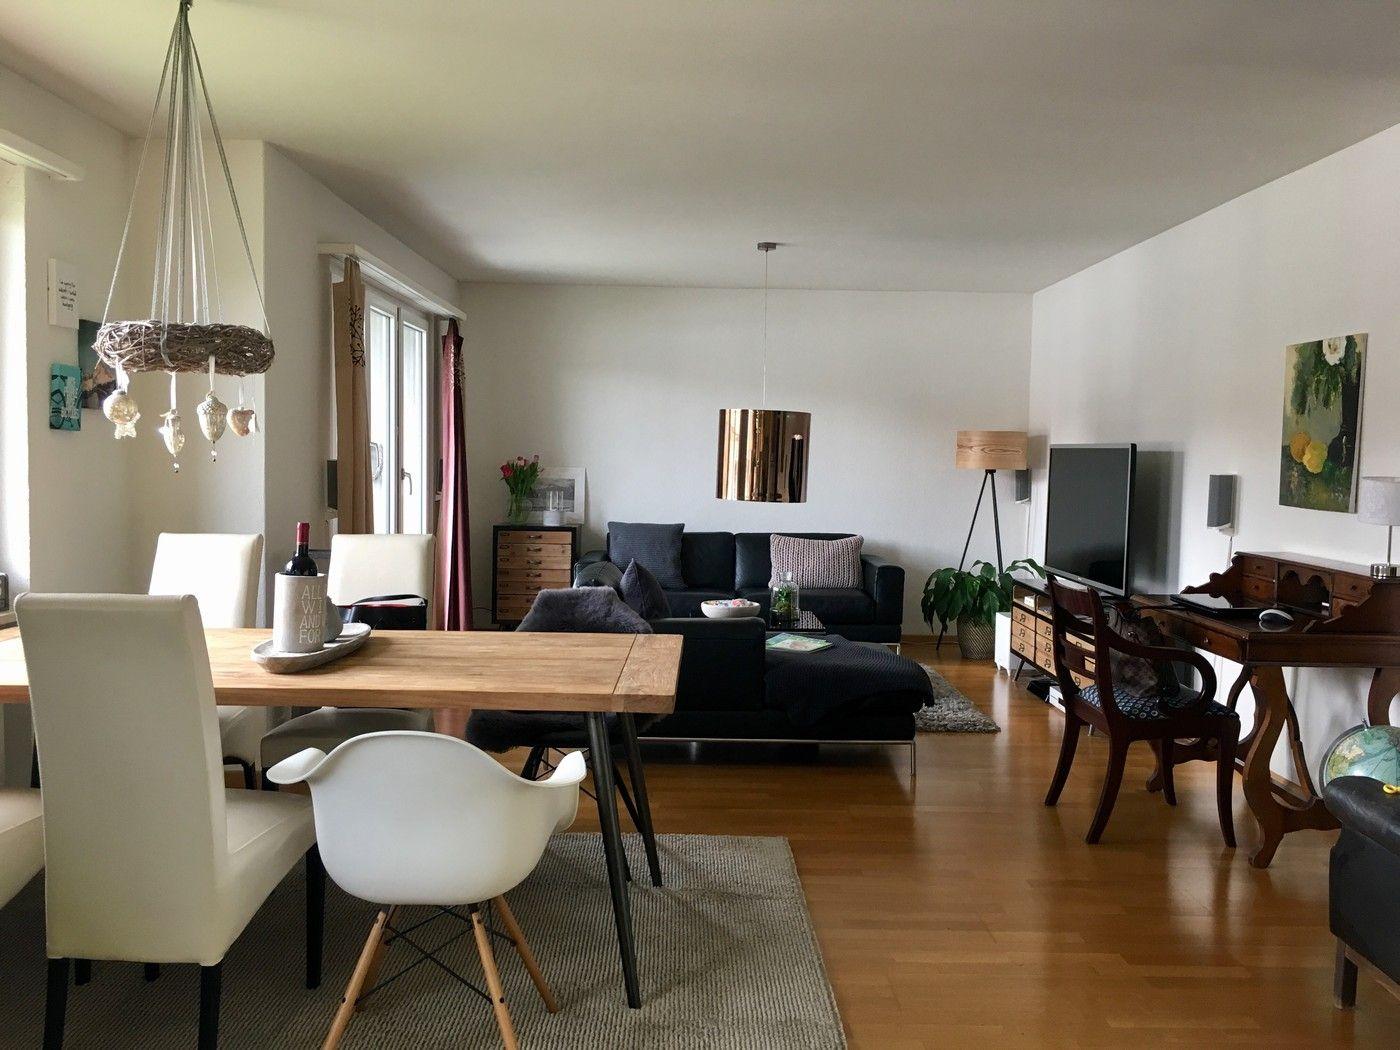 Schone 4 5 Zimmer Wohnung In 8051 Zurich 5 Zimmer Wohnung Wohnung Wohnung Mieten